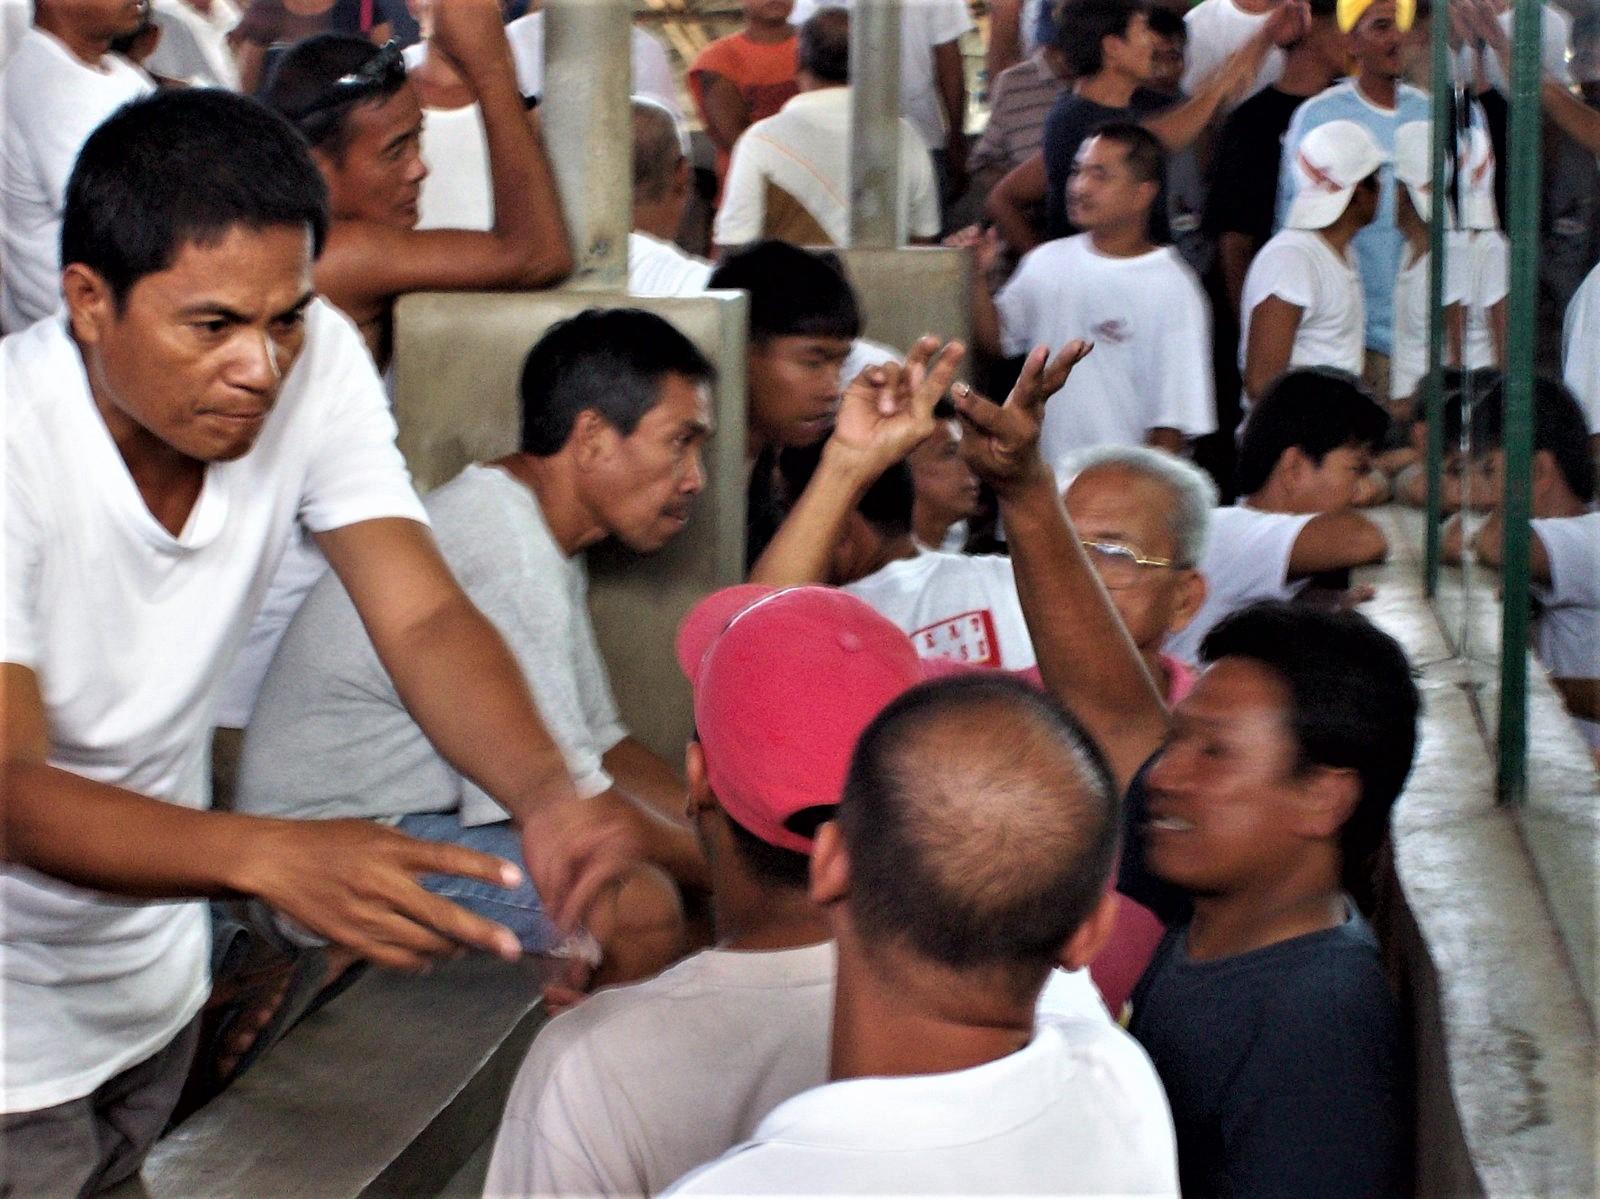 Philippinischer Hahnenkampf